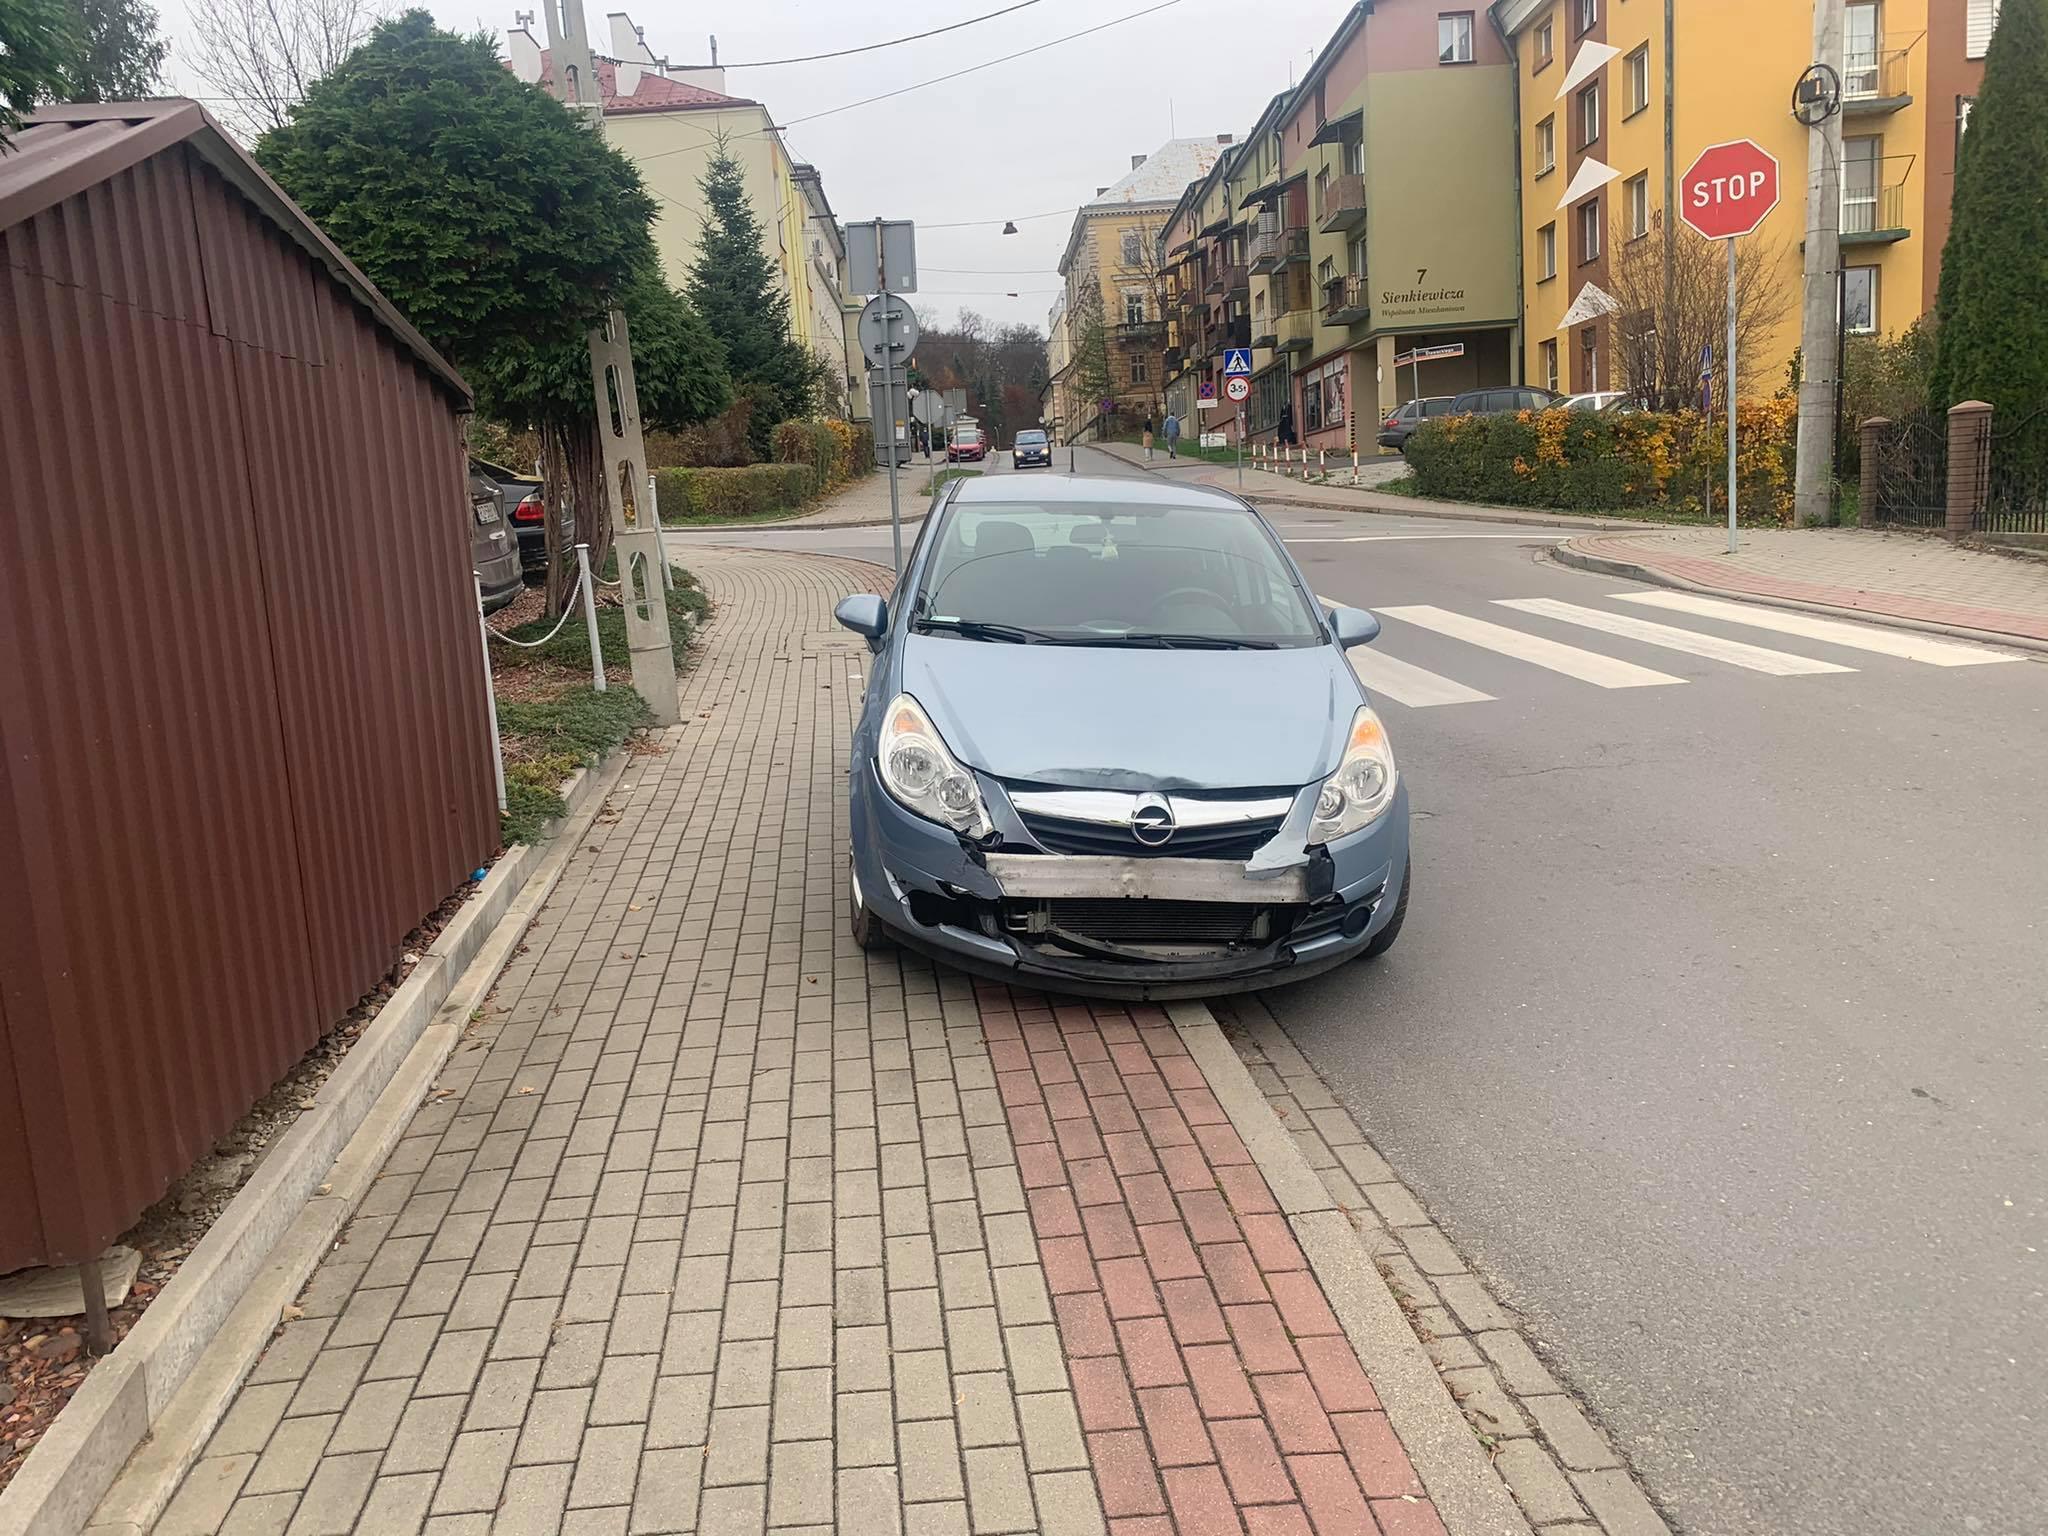 SANOK: Wjechał na skrzyżowanie ignorując znak STOP [FOTO] - Zdjęcie główne